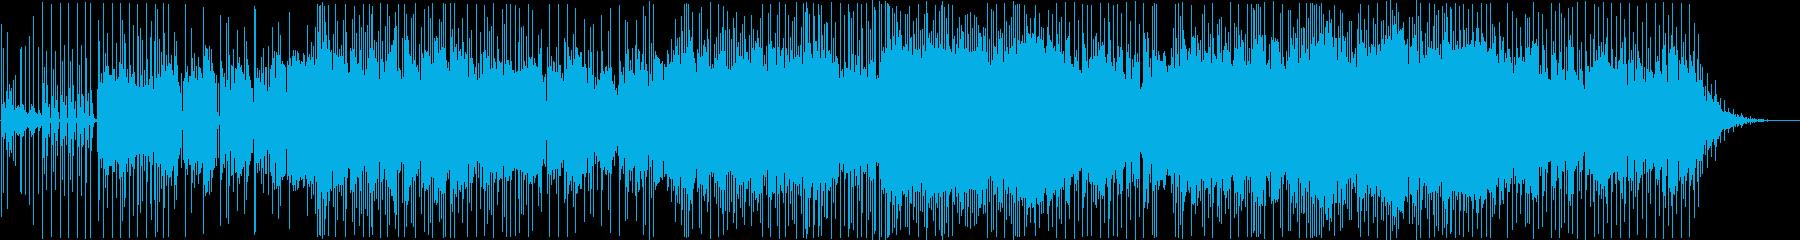 ほろ苦いムードのハートランドアメリ...の再生済みの波形